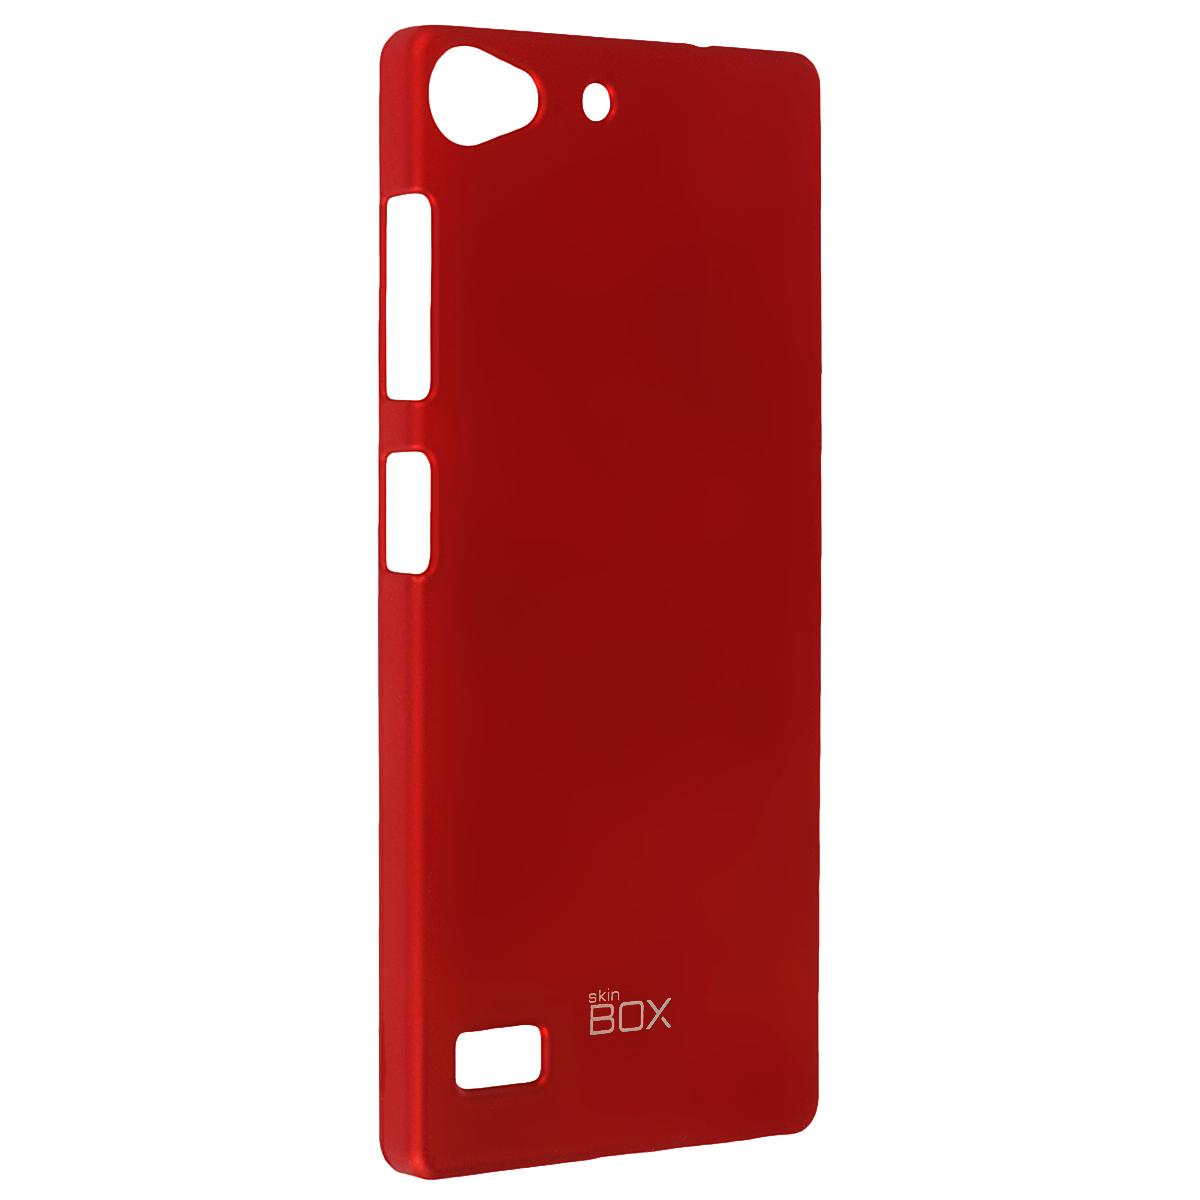 Skinbox Shield 4People чехол для Lenovo Vibe X2, RedT-S-LVX2-002Чехол Skinbox Shield 4People для Lenovo Vibe X2 предназначен для защиты корпуса смартфона от механических повреждений и царапин в процессе эксплуатации. Имеется свободный доступ ко всем разъемам и кнопкам устройства. В комплект также входит защитная пленка на экран телефона.